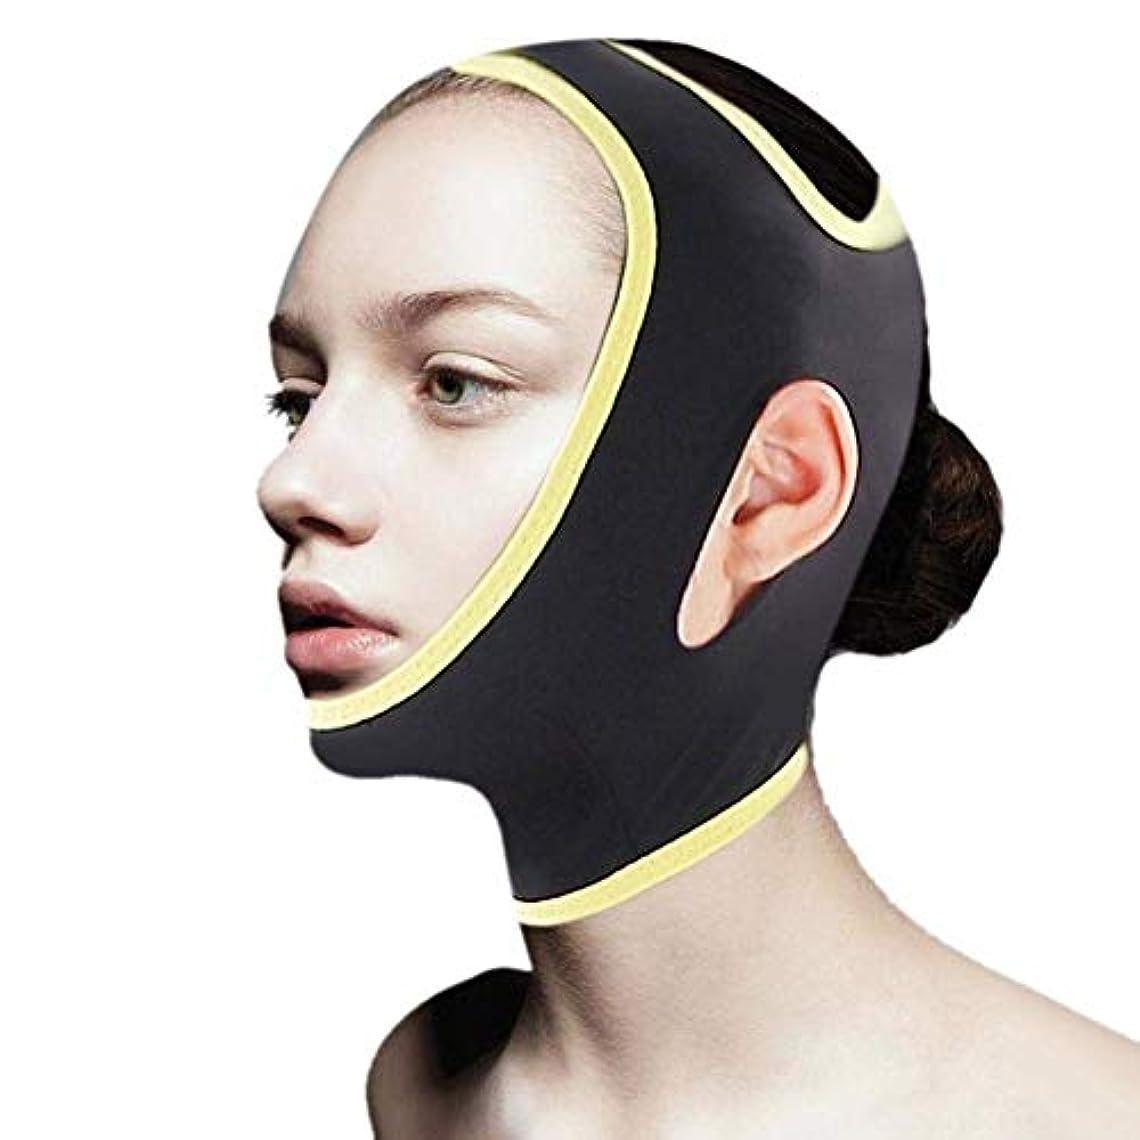 有力者ミリメートル雇用者HEMFV 顔のスリミングストラップ - 二重あごケア減量Vフェイスアンチリンクル包帯補正ベルト - チンはフェイシャルマスクを持ち上げ (Size : M)